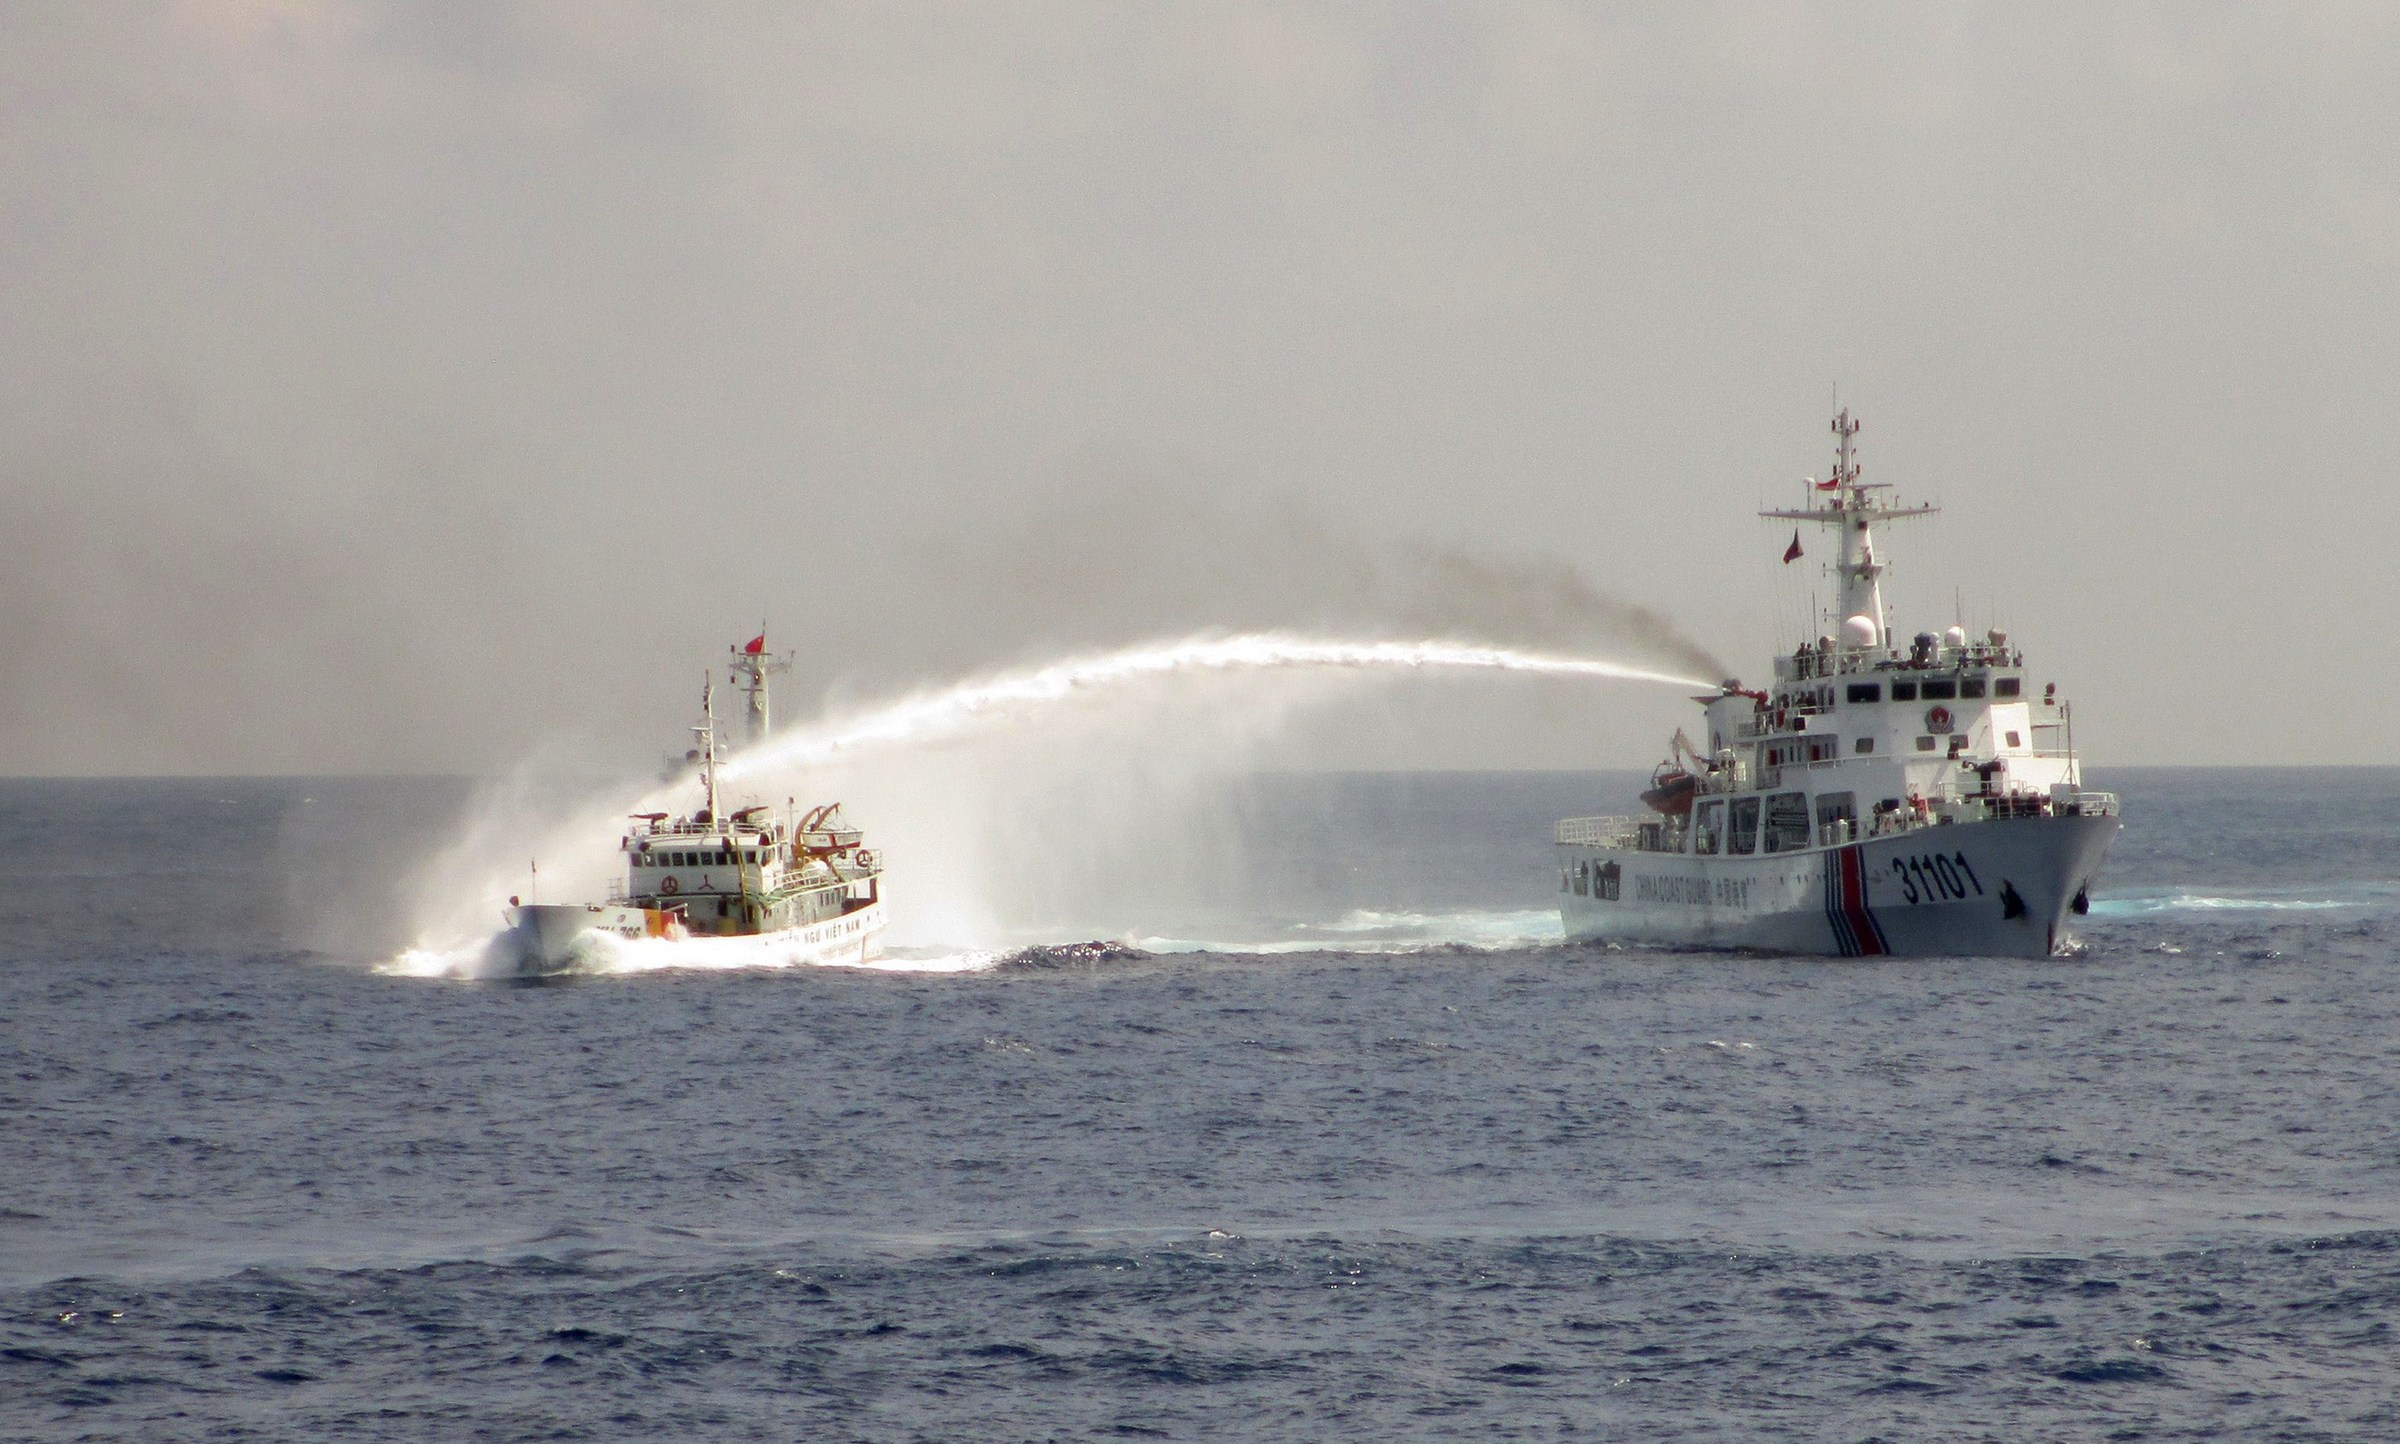 Mer de chine méridionale, le 2 mai. Un bateau chinois (à droite) s'accroche avec un bateau vietnamien dans une zone disputée entre leurs deux pays. Crédit AFP/Vietnamese foreign ministry